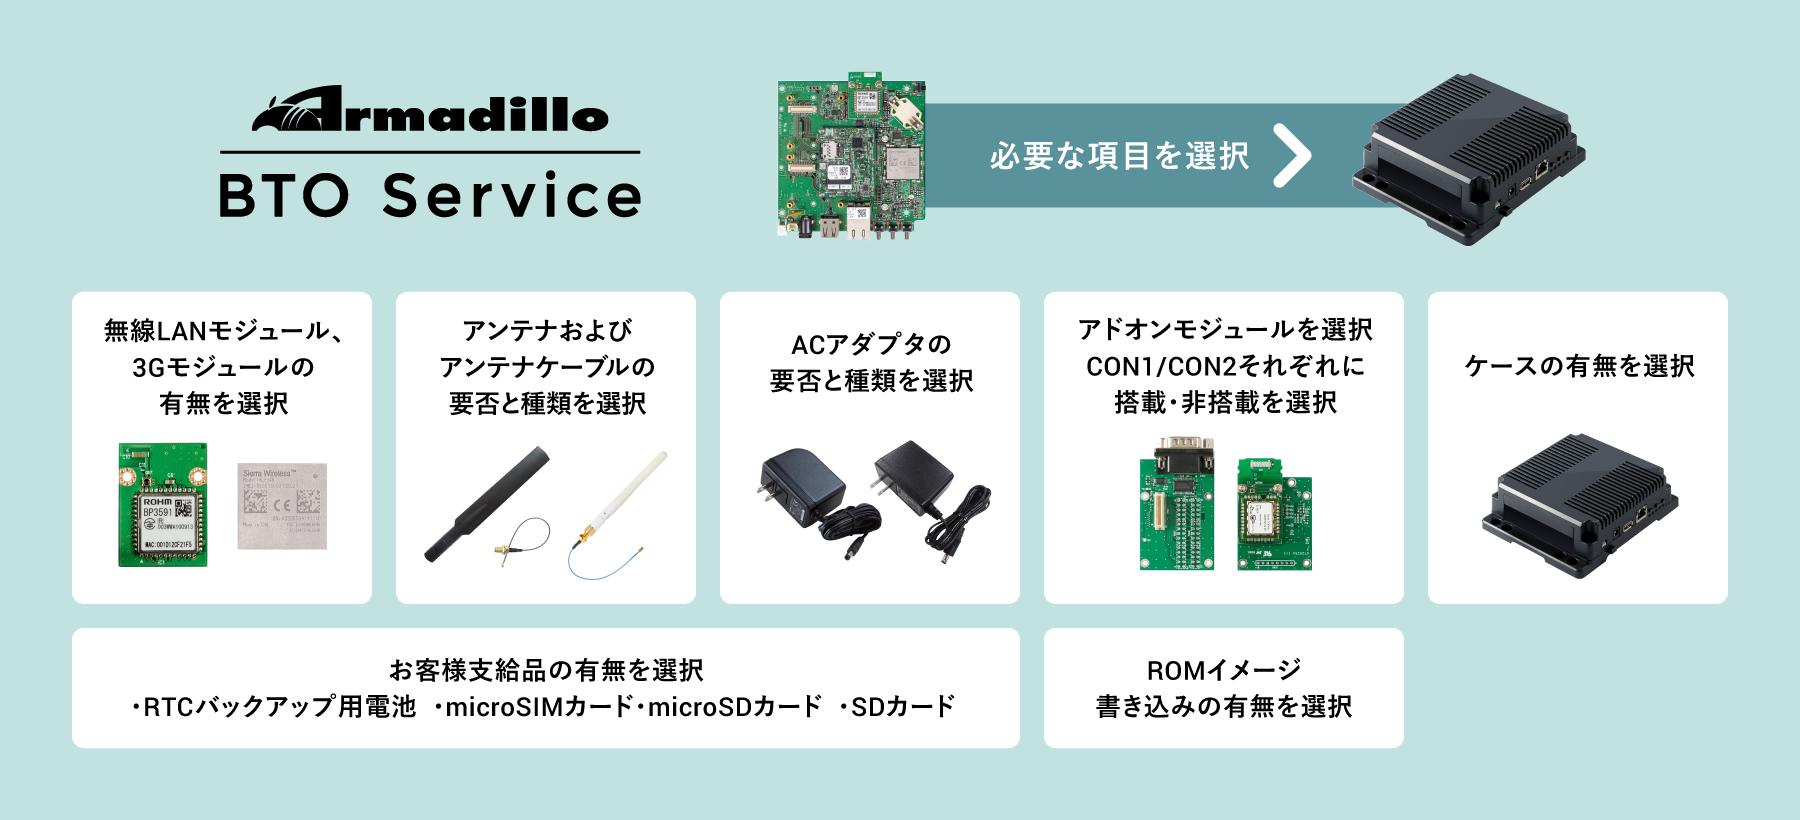 BTOサービスイメージ図